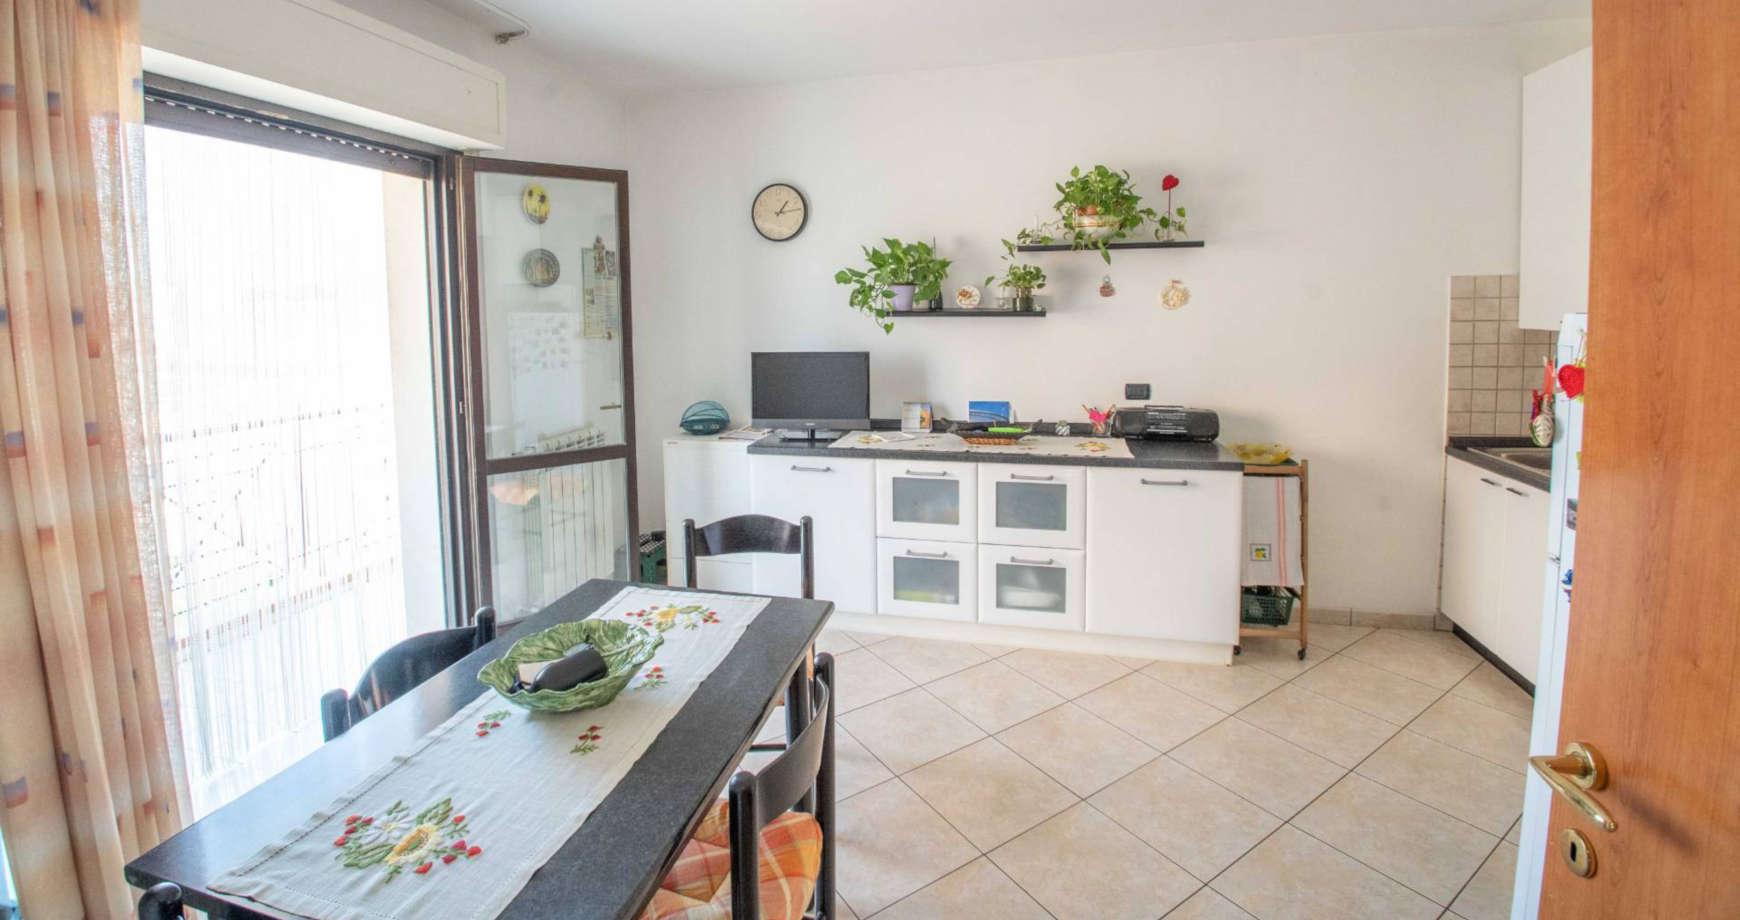 Appartamento trilocale in vendita Pescara Via San Marco